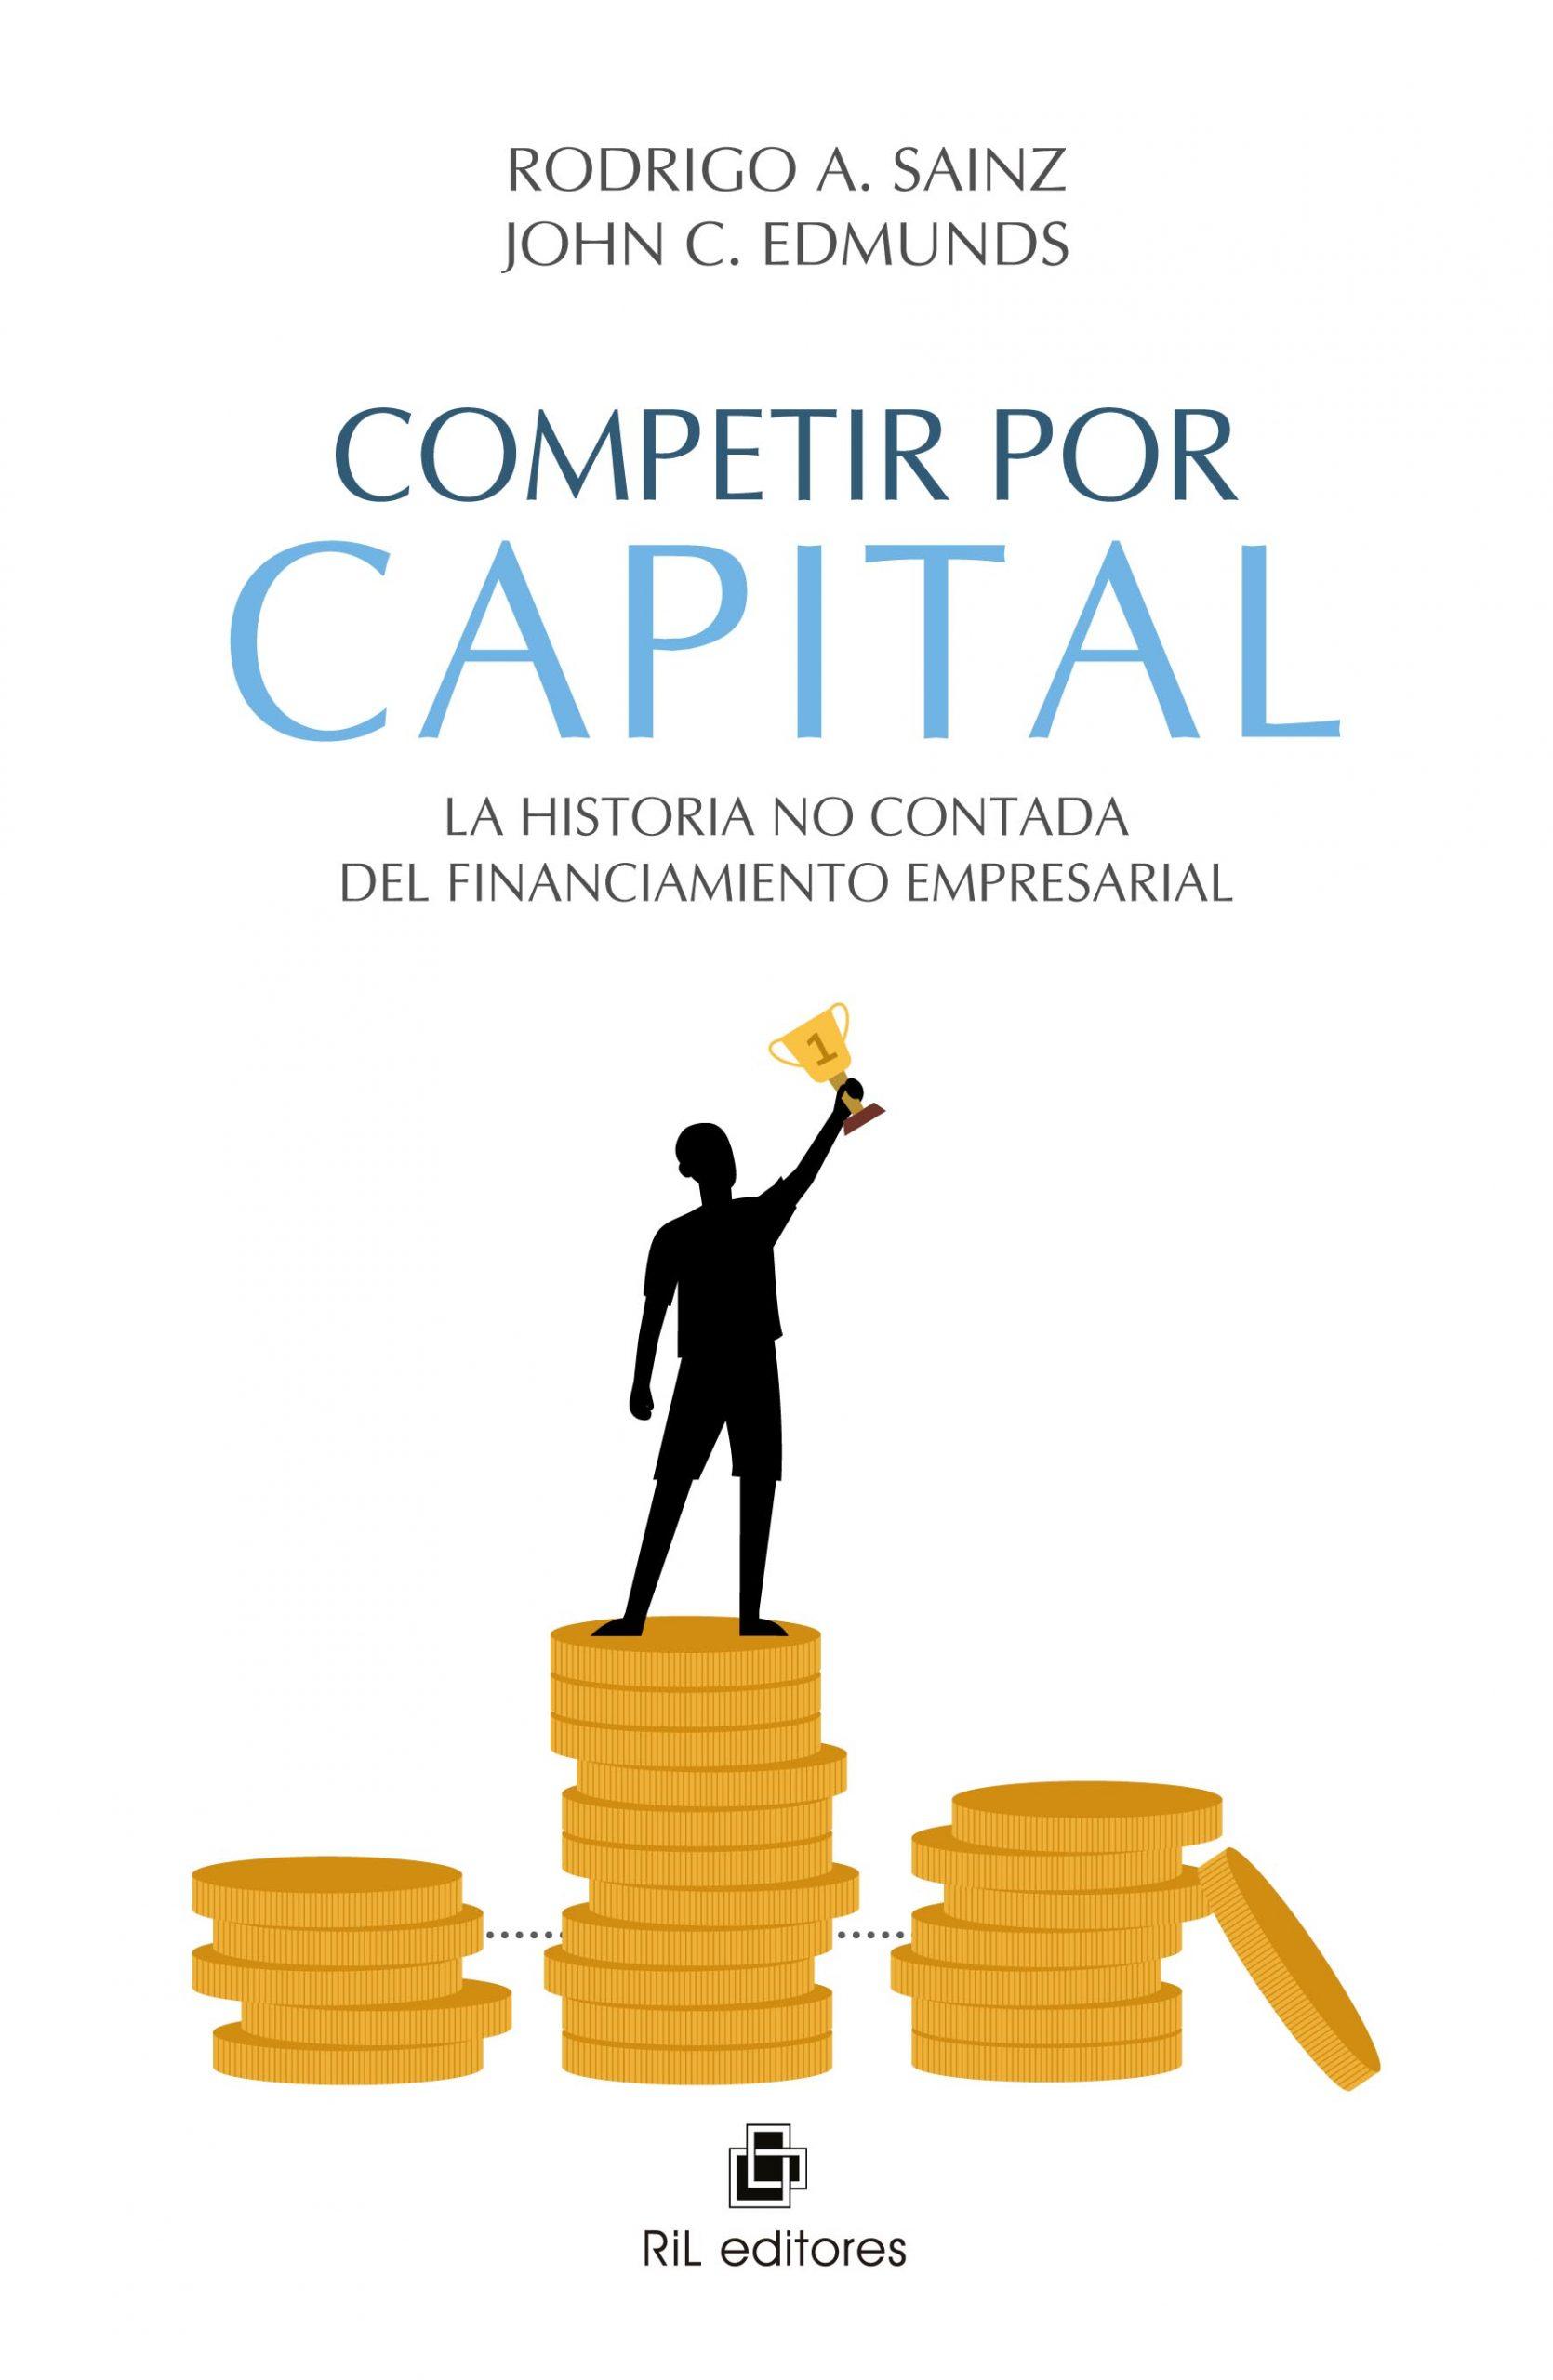 Competir por capital. La historia no contada del financiamiento empresarial 1